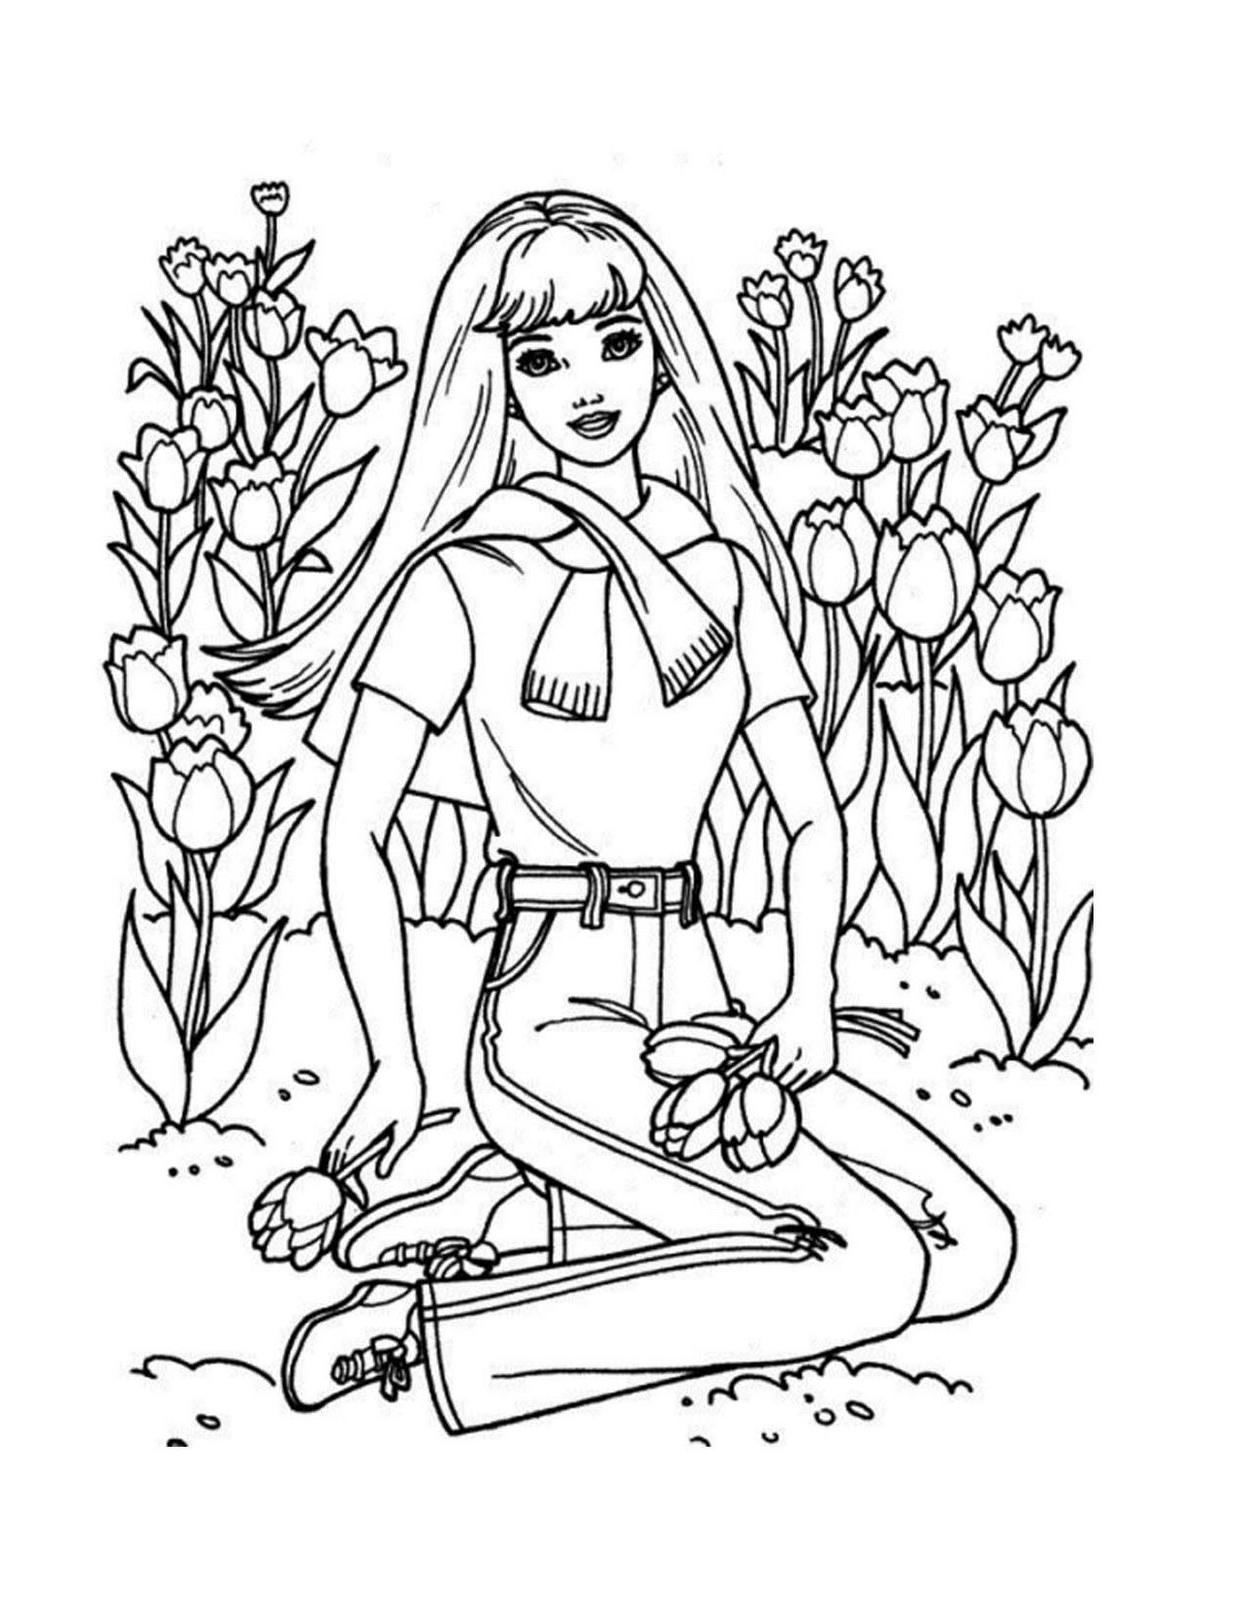 barbie princess coloring pages barbie princess coloring pages hellokidscom barbie princess pages coloring